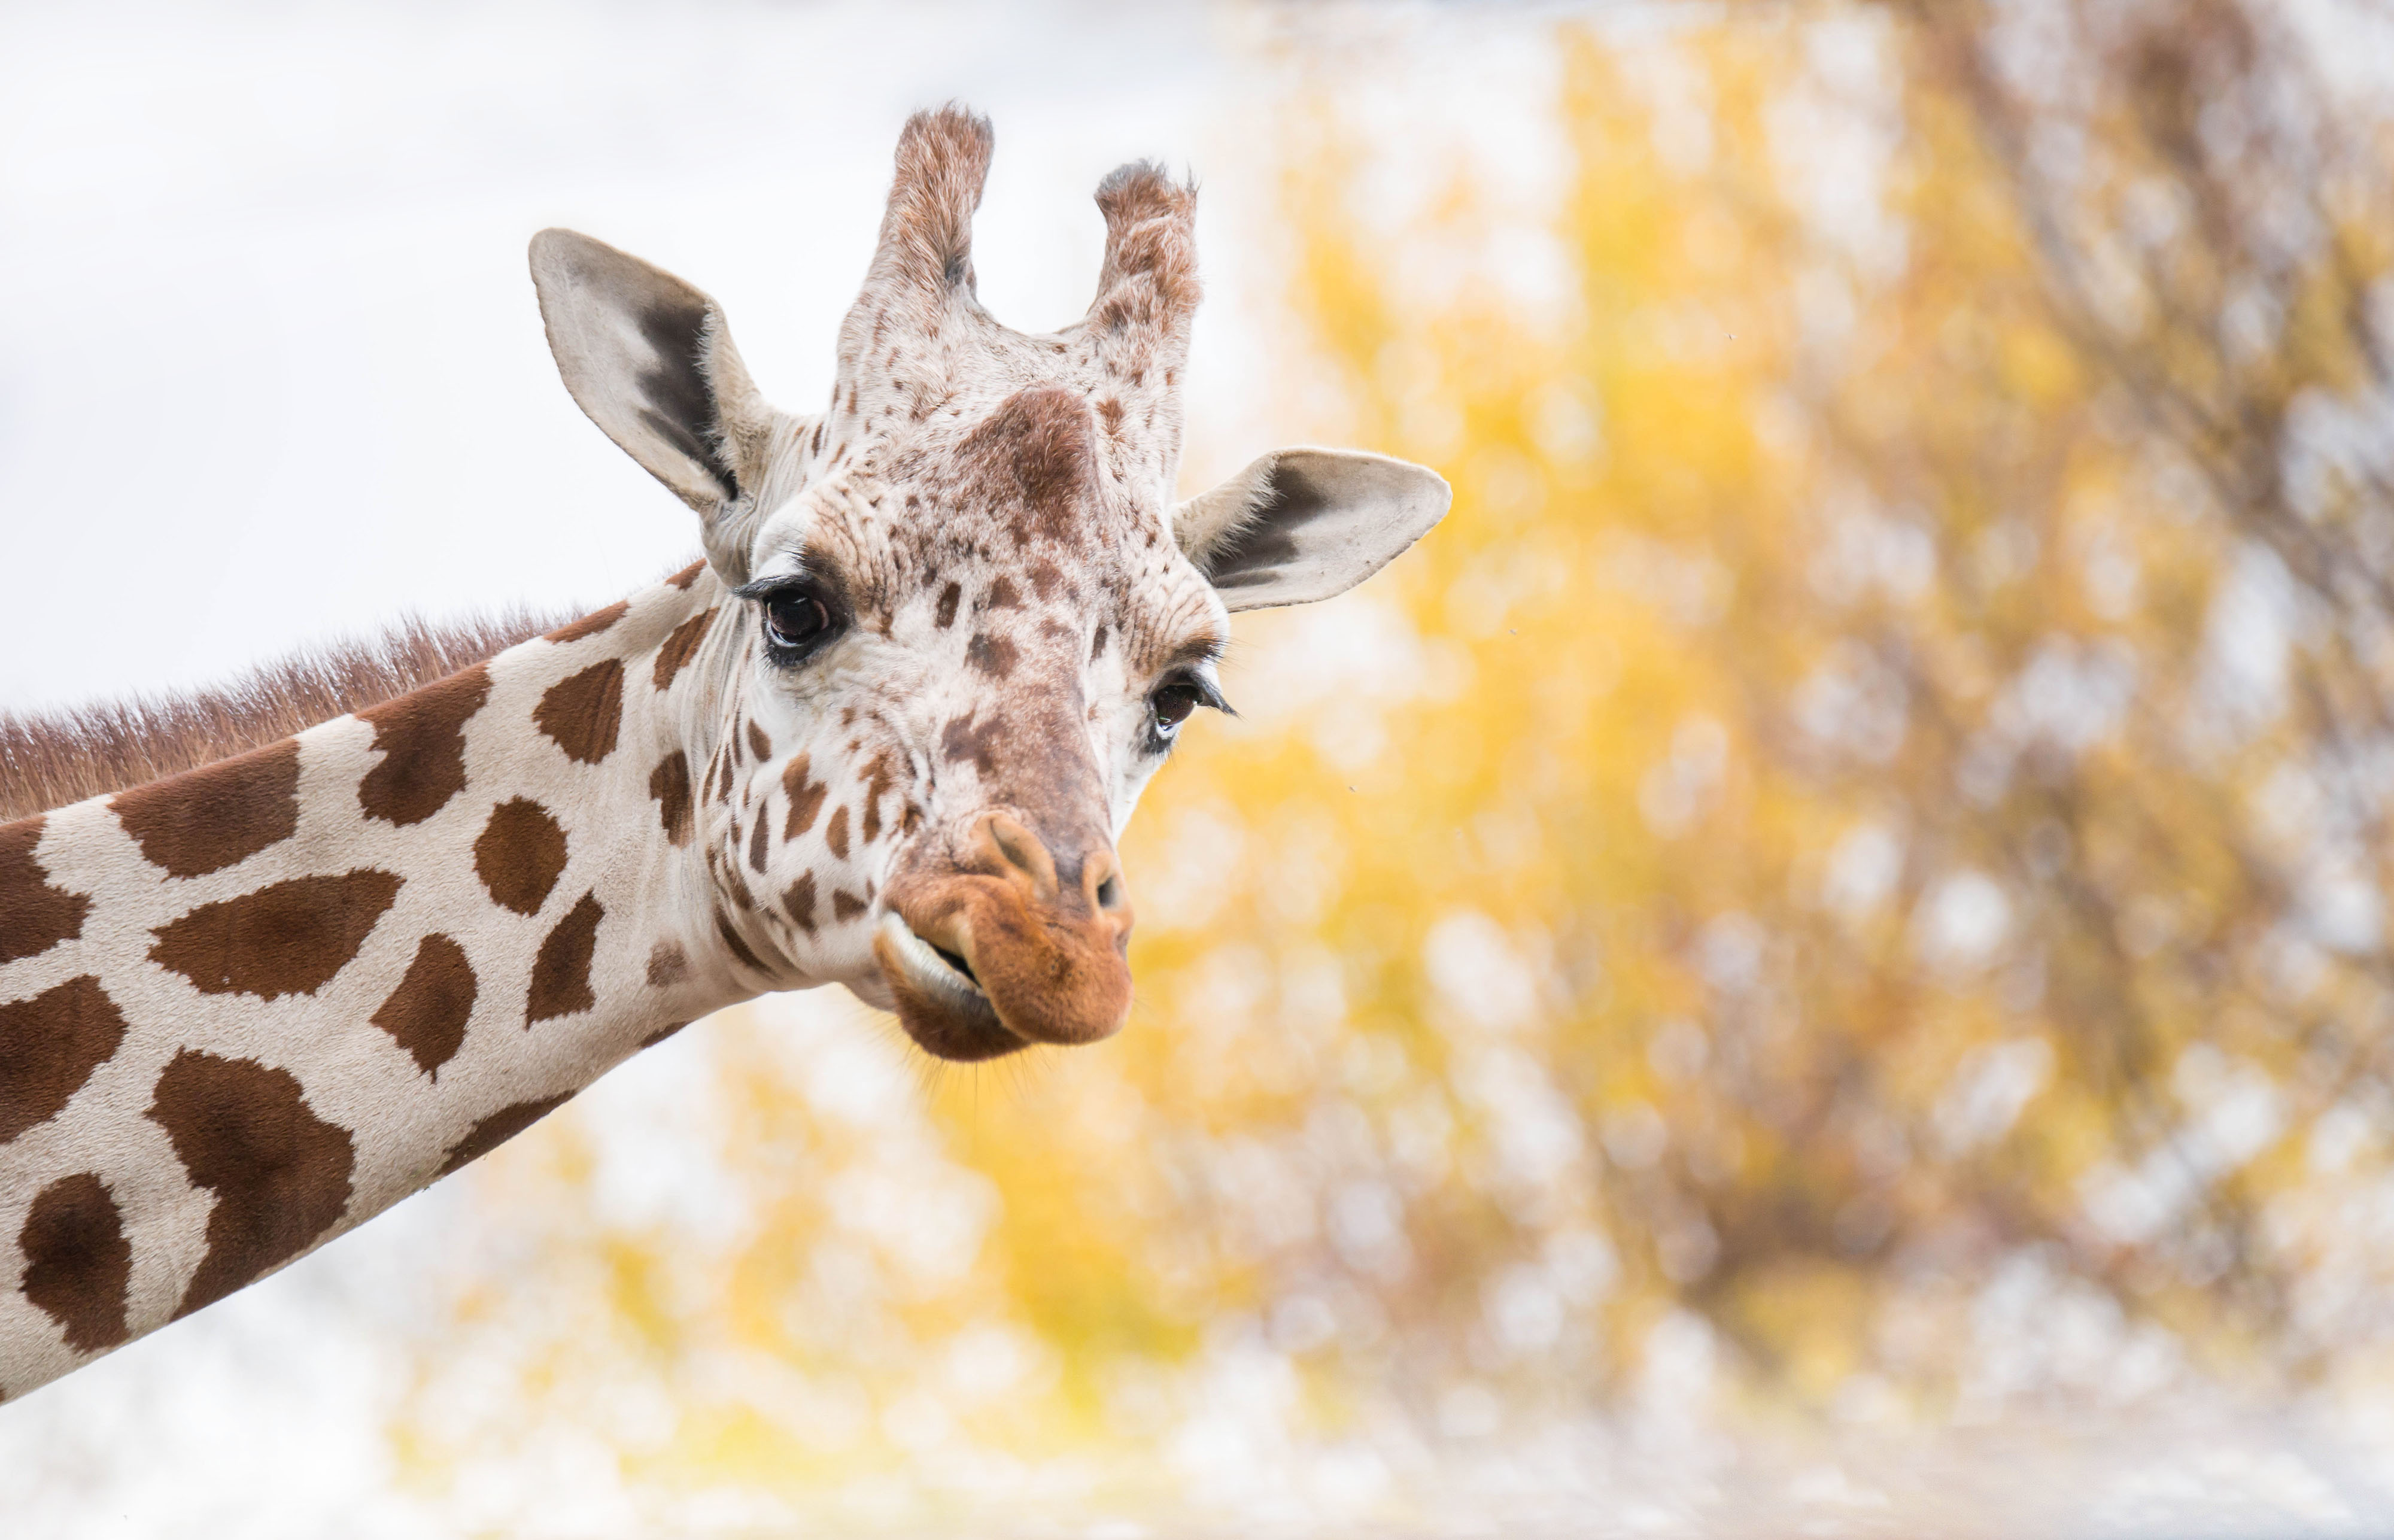 Жираф испугался  № 3895679 загрузить